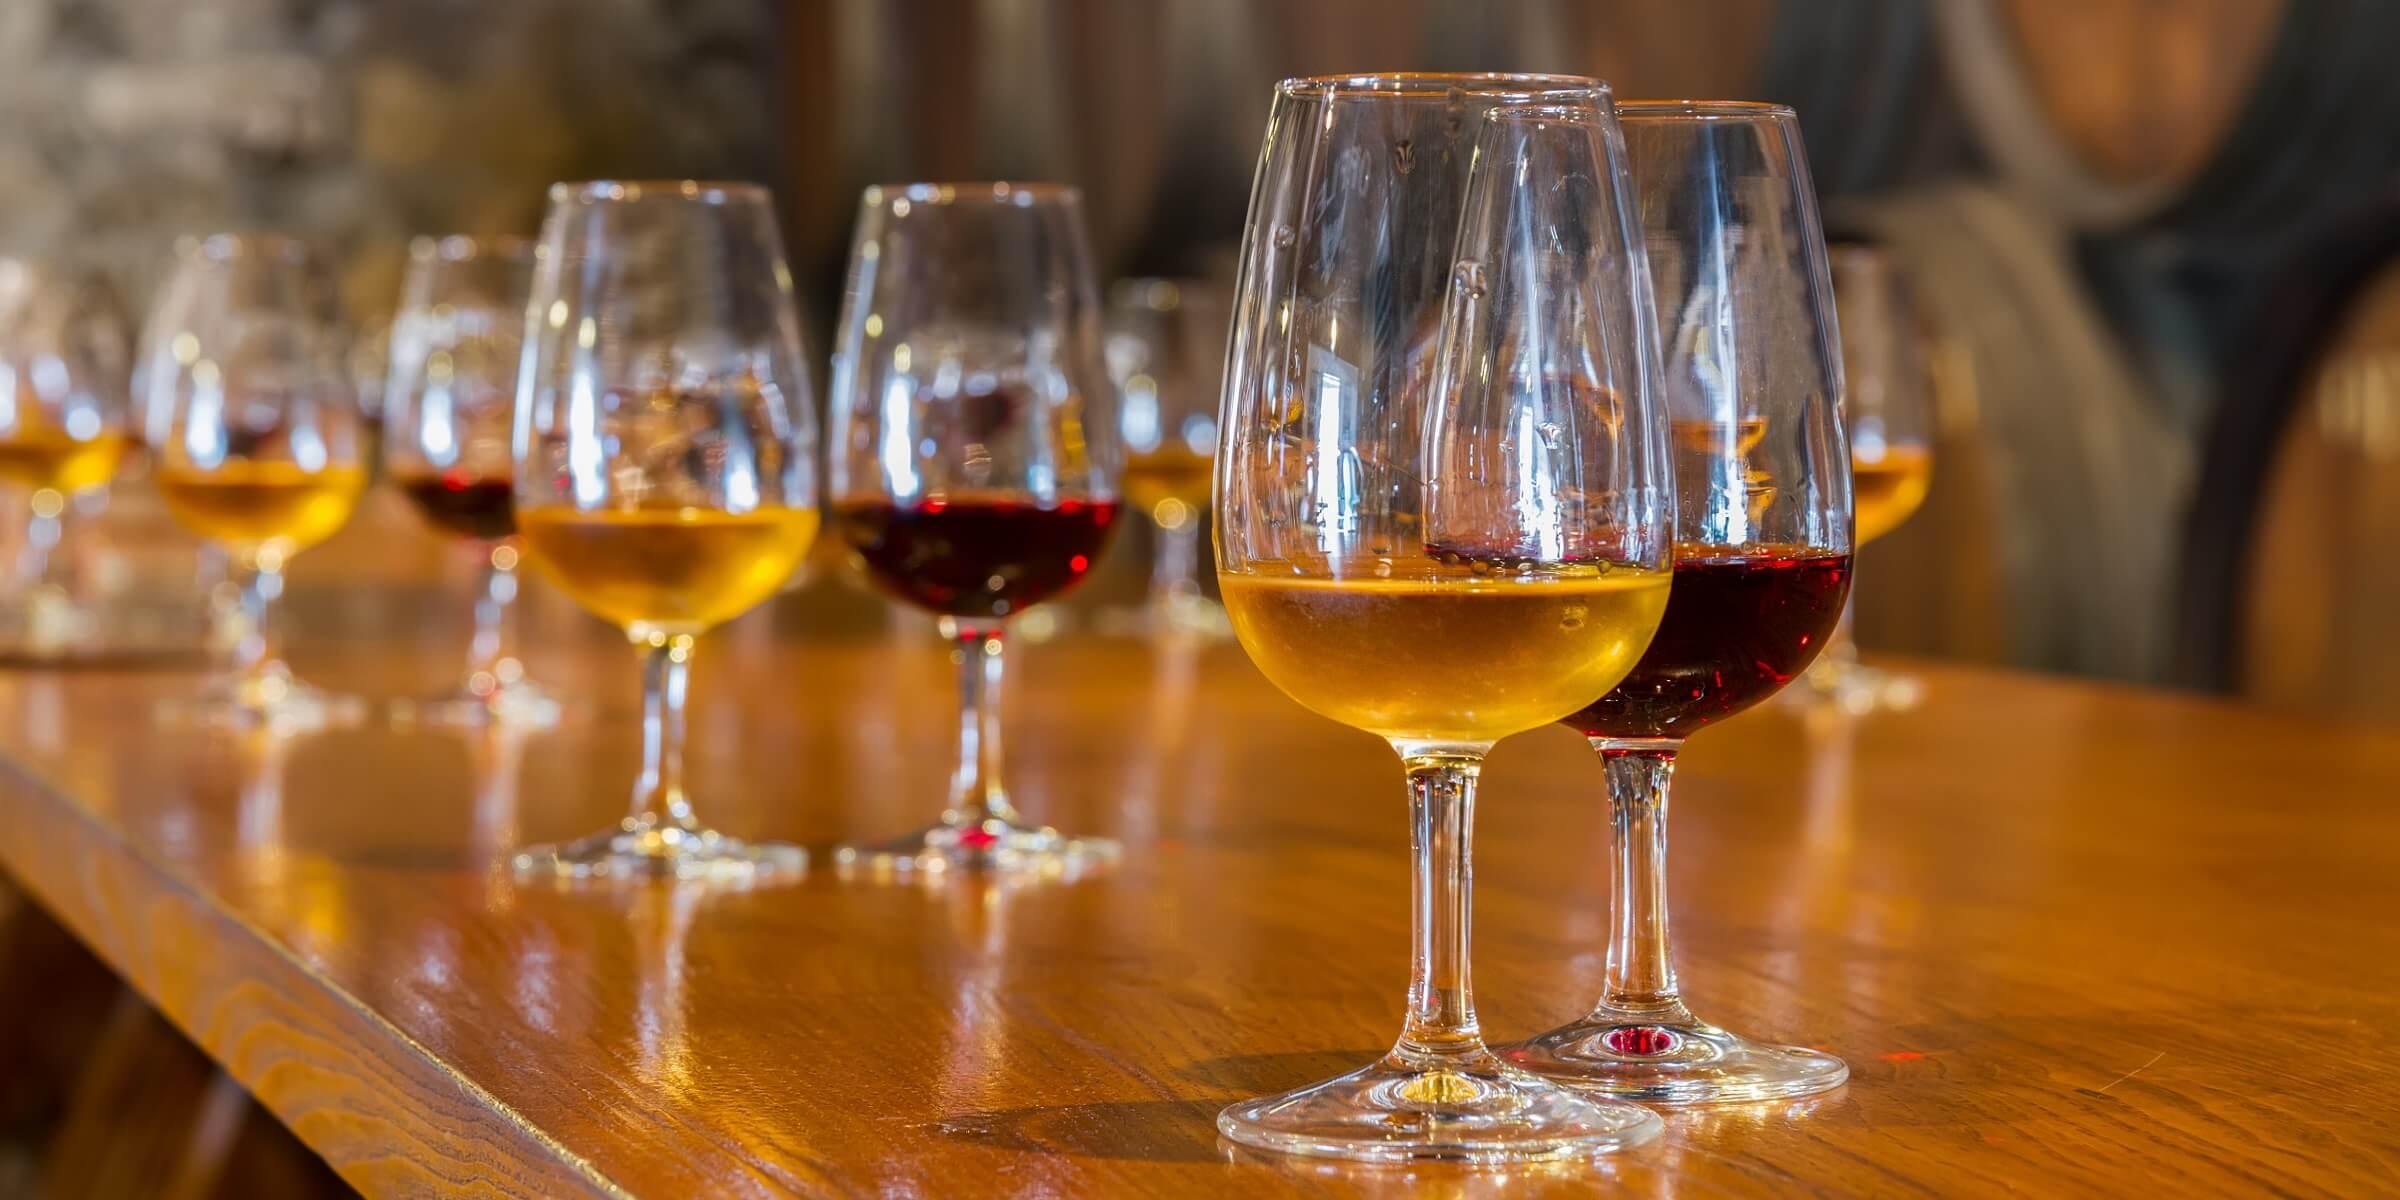 Spanien ist bekannt für sehr guten Wein.